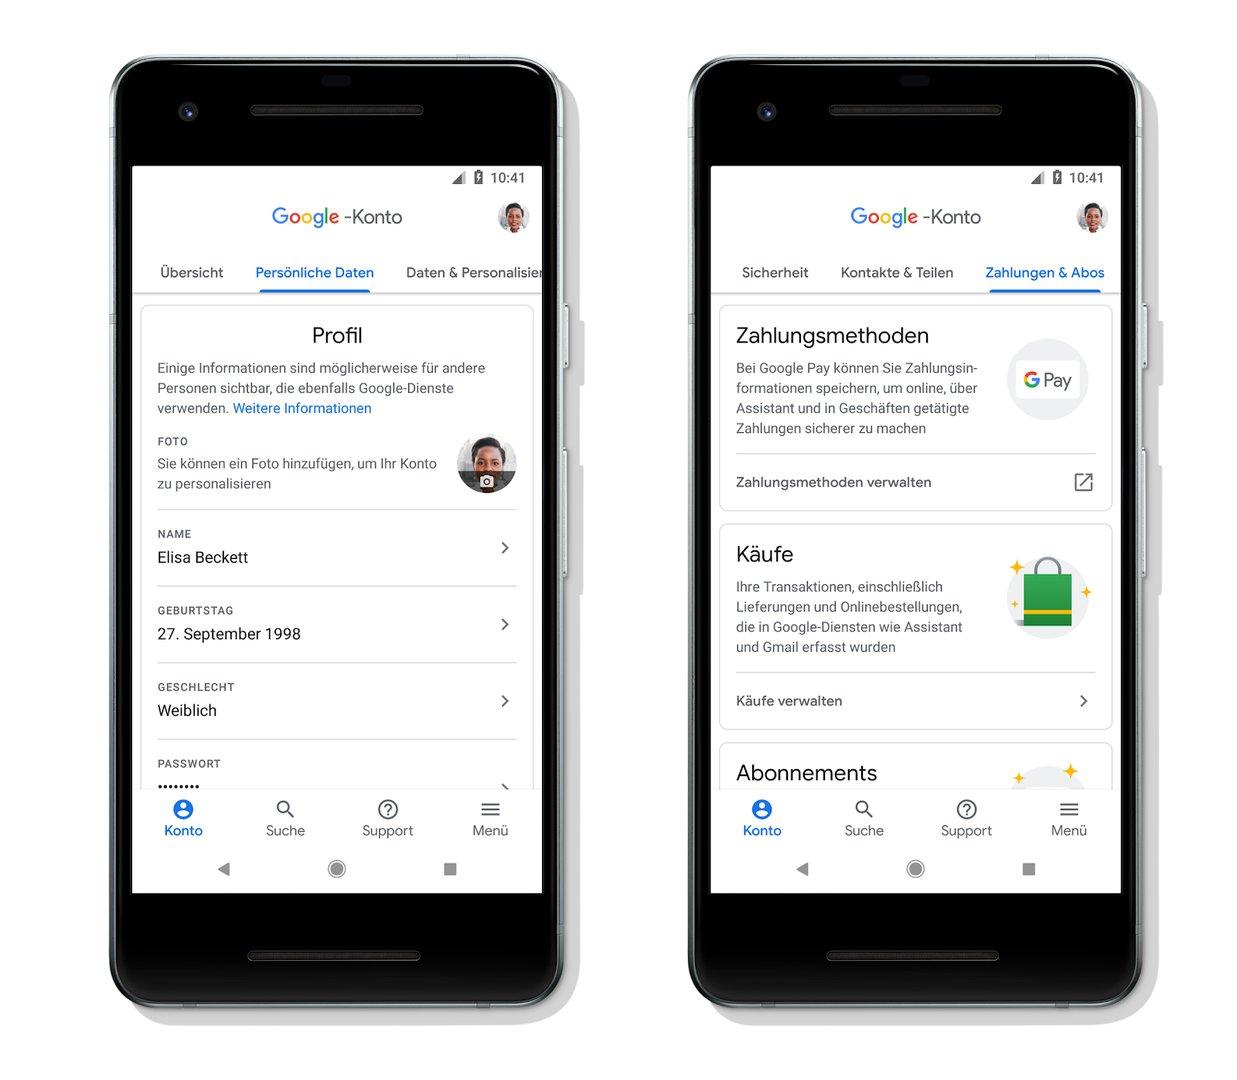 Google-Konto: Persönliche Daten